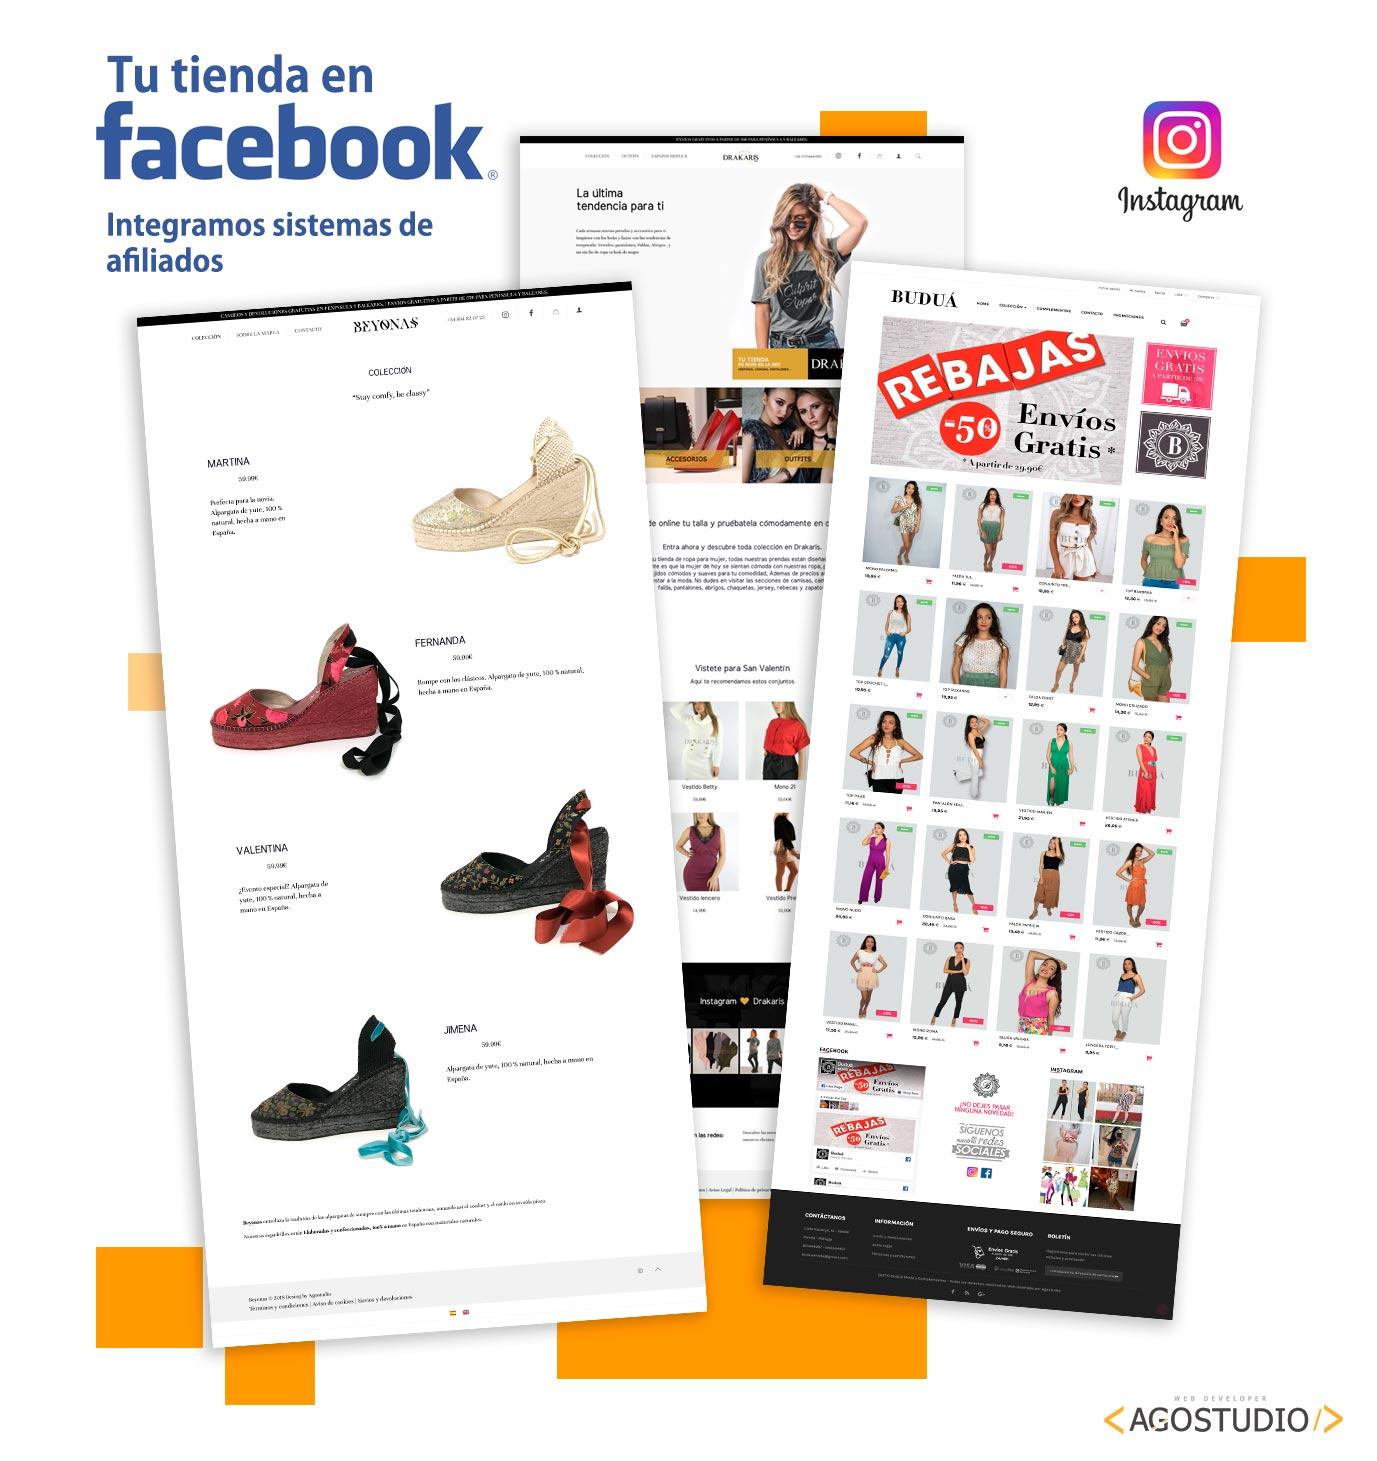 Diseño de tienda con wordpress online - tienda en facebook - Málaga